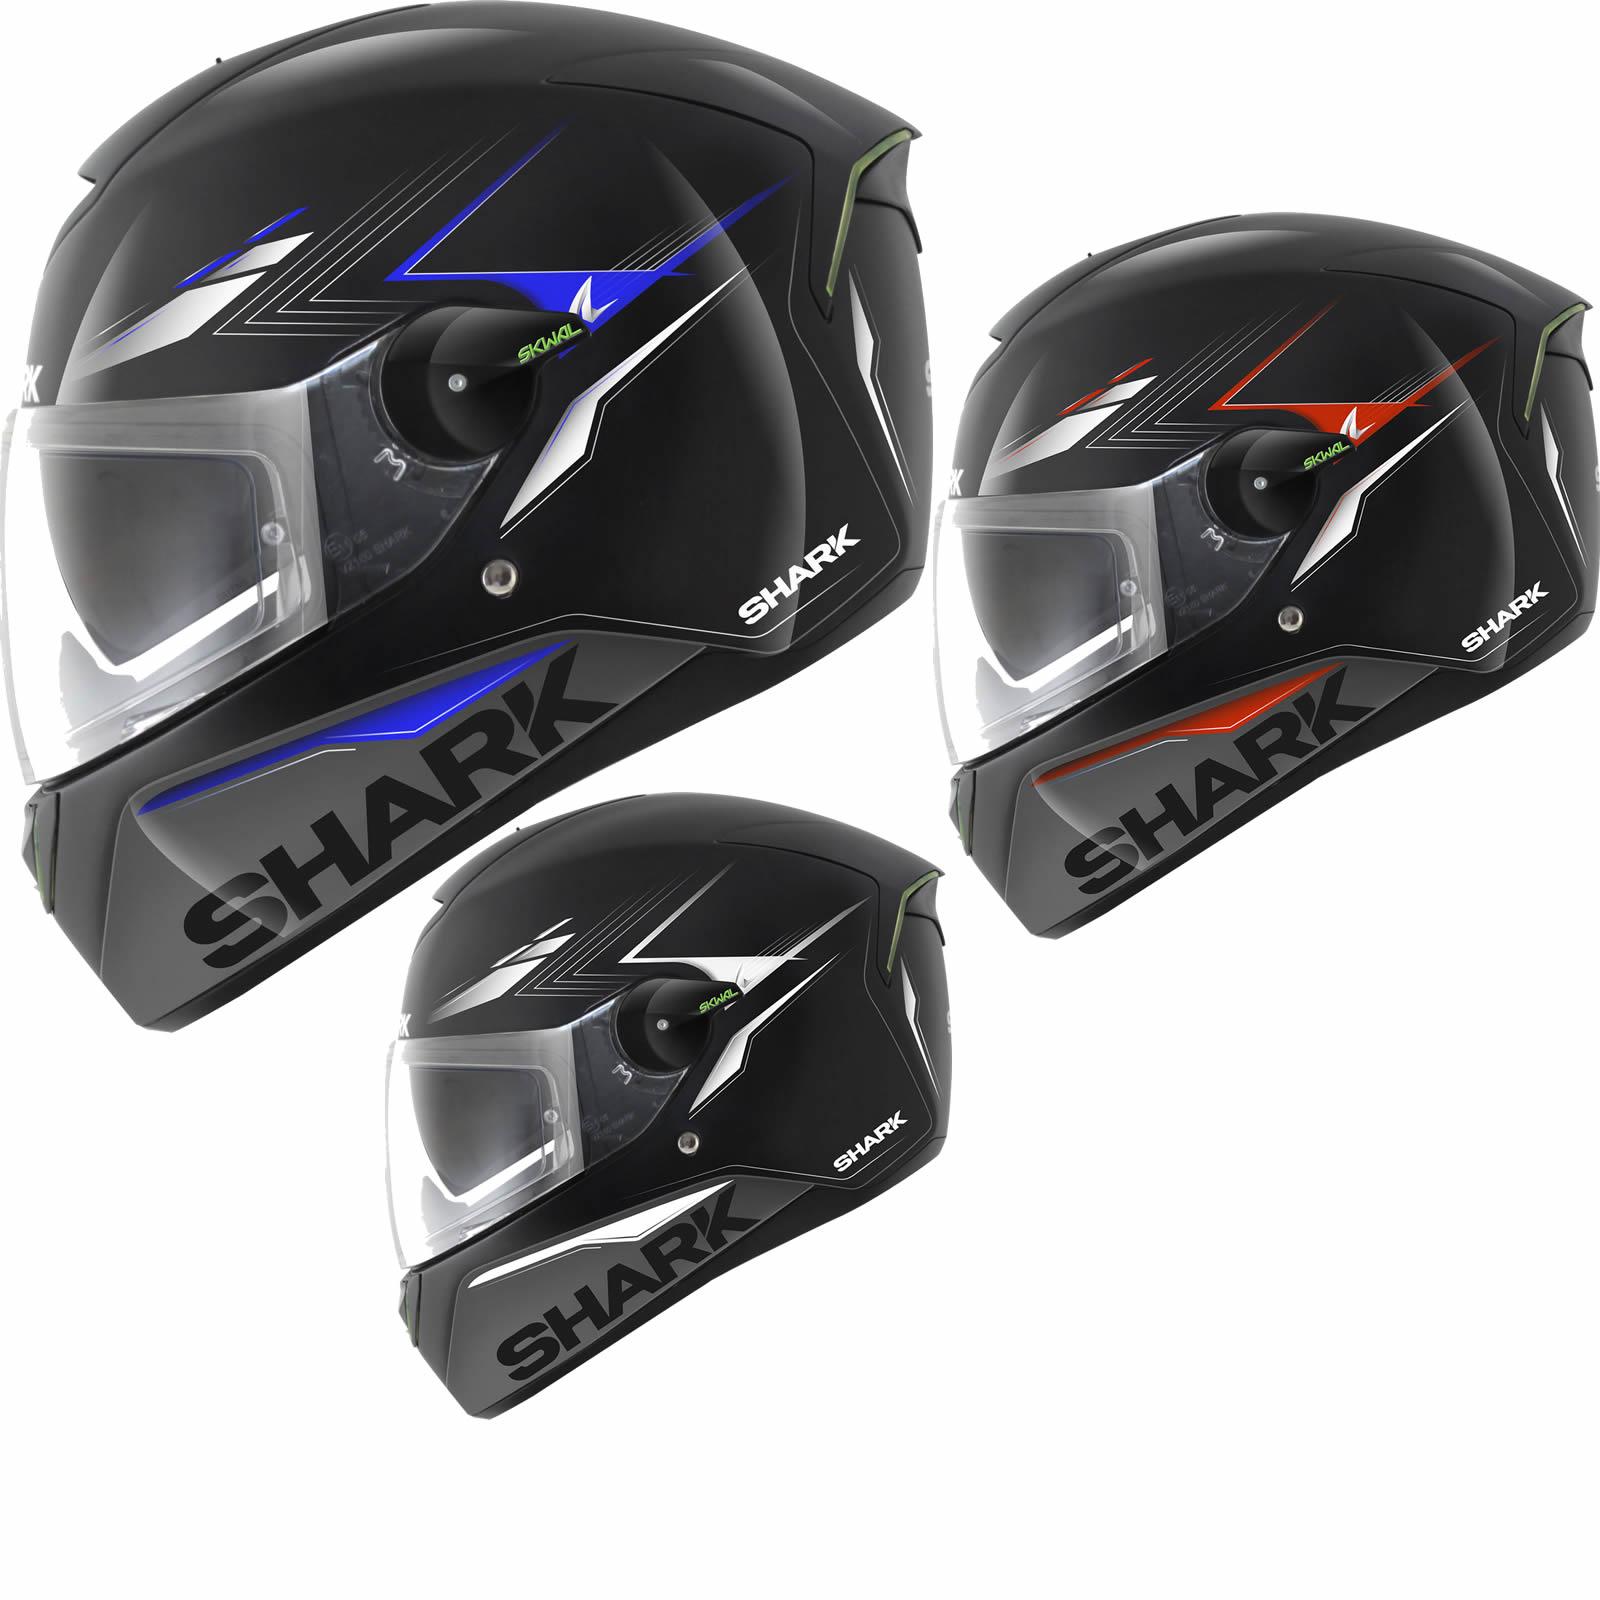 shark skwal matador led motorcycle helmet skwal helmets. Black Bedroom Furniture Sets. Home Design Ideas